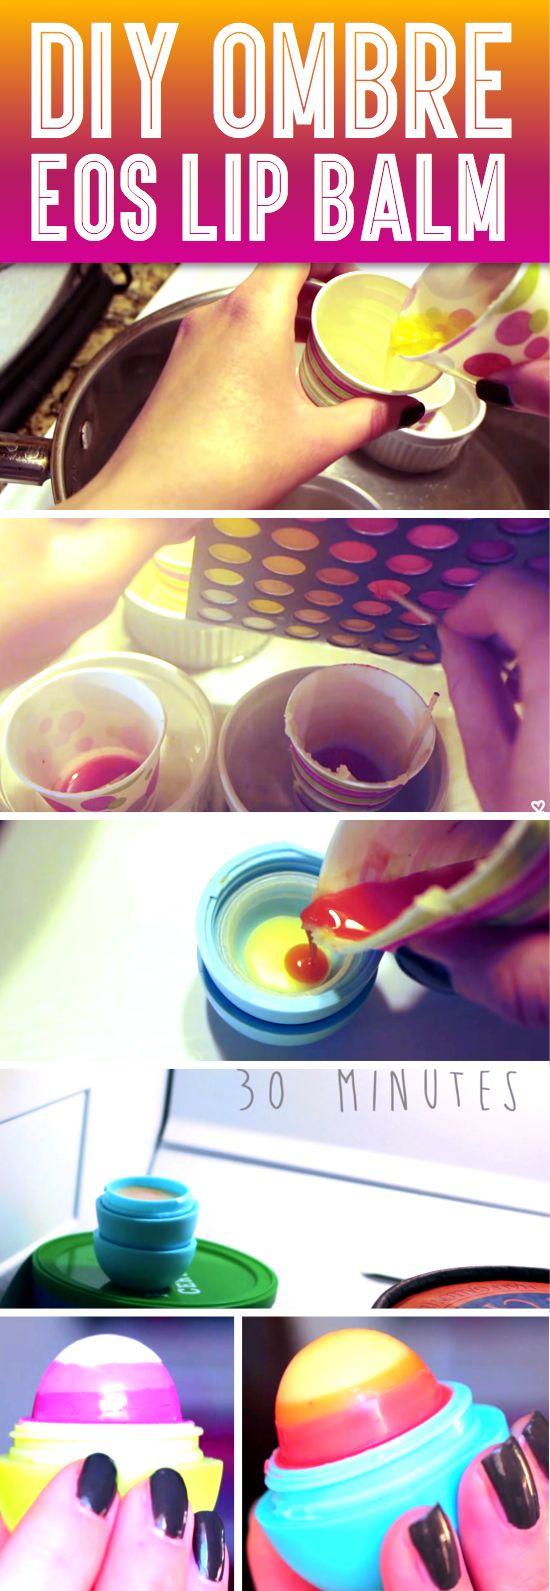 Easy DIY Ombre EOS Lip Balm!